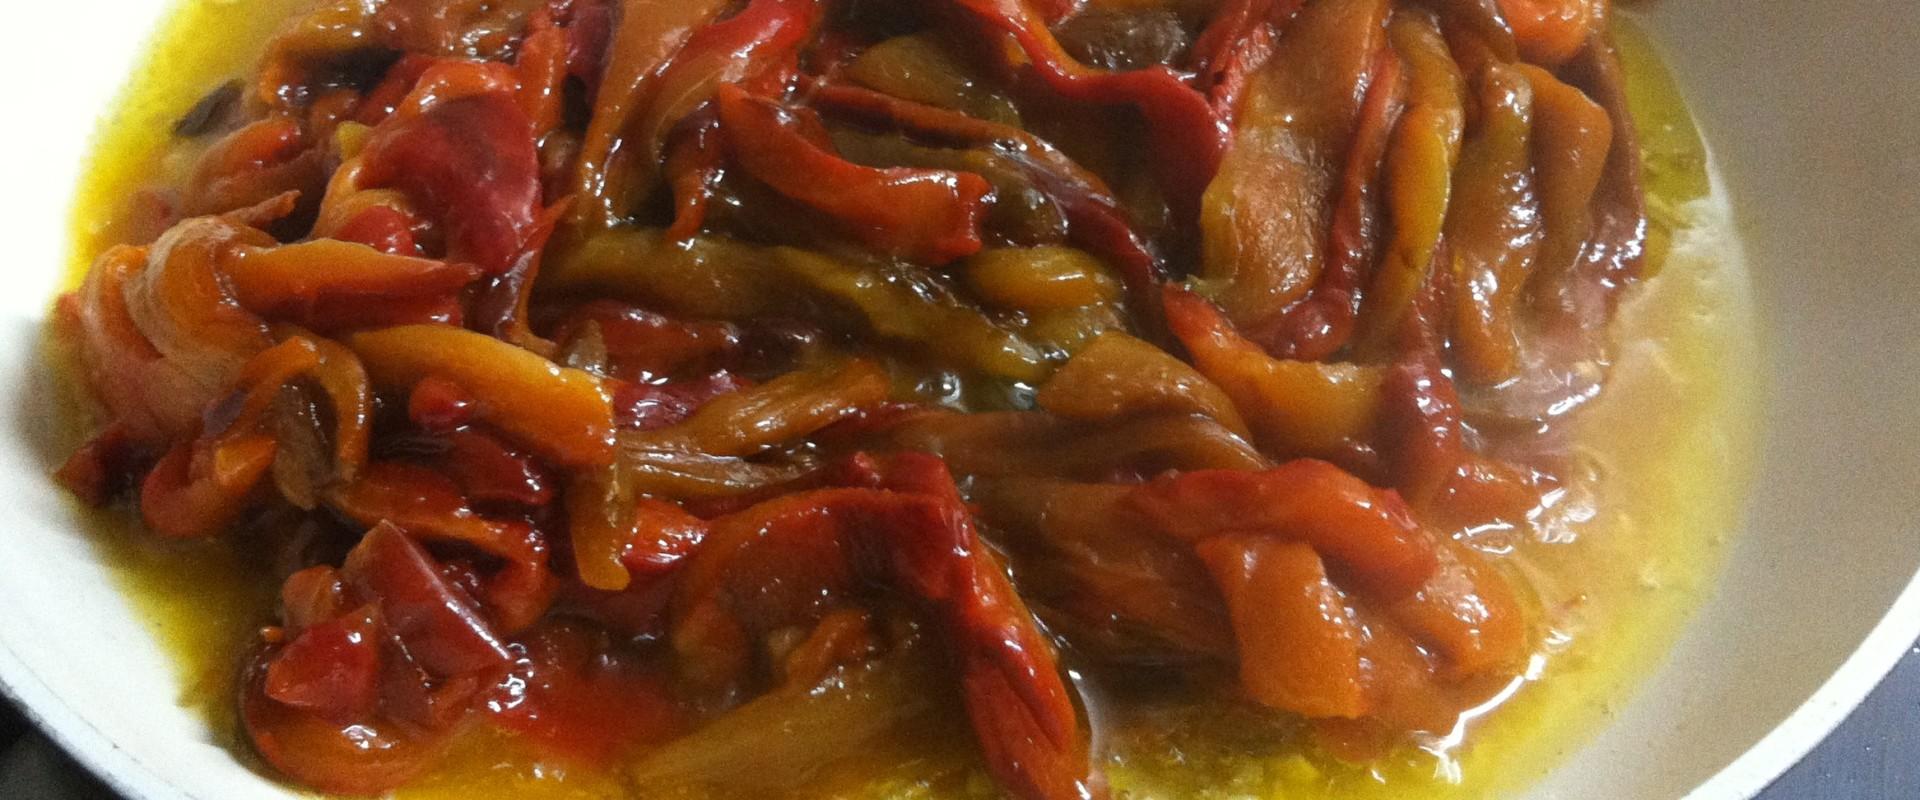 Geroosterde Paprika's in Vinaigrette (Pimientos Asados en Vinagre)